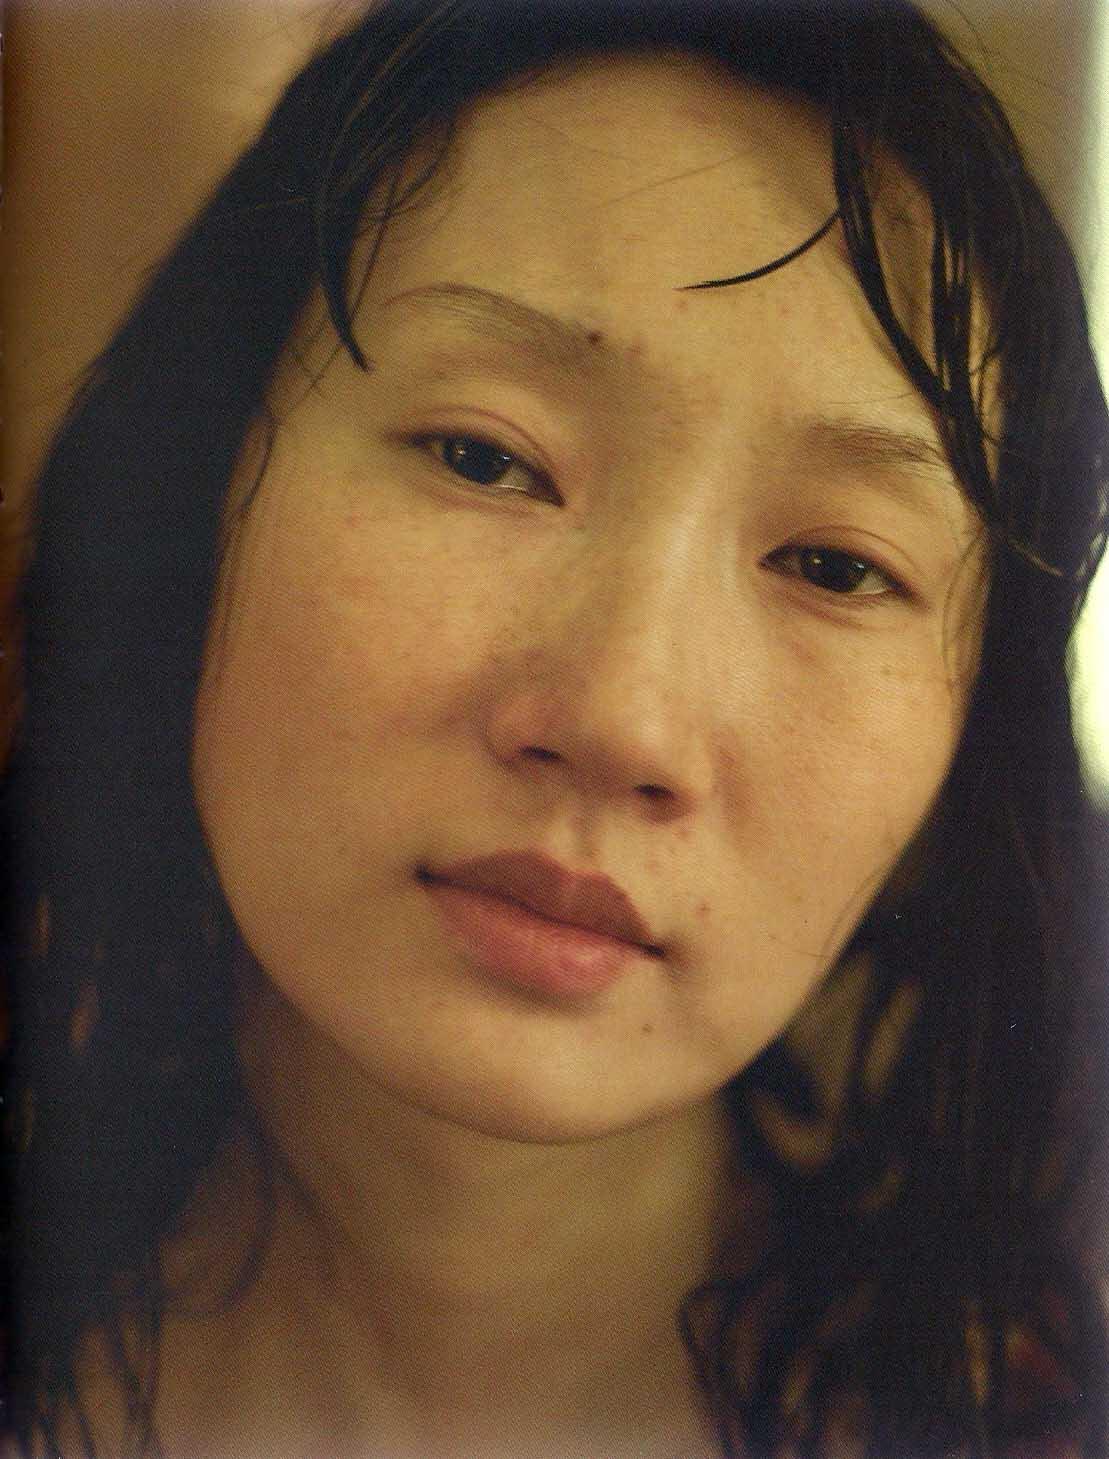 转:妓者-大学生-紫u的脸; 这张脸紫u; >> 美女洗完澡后洗手间图片电影